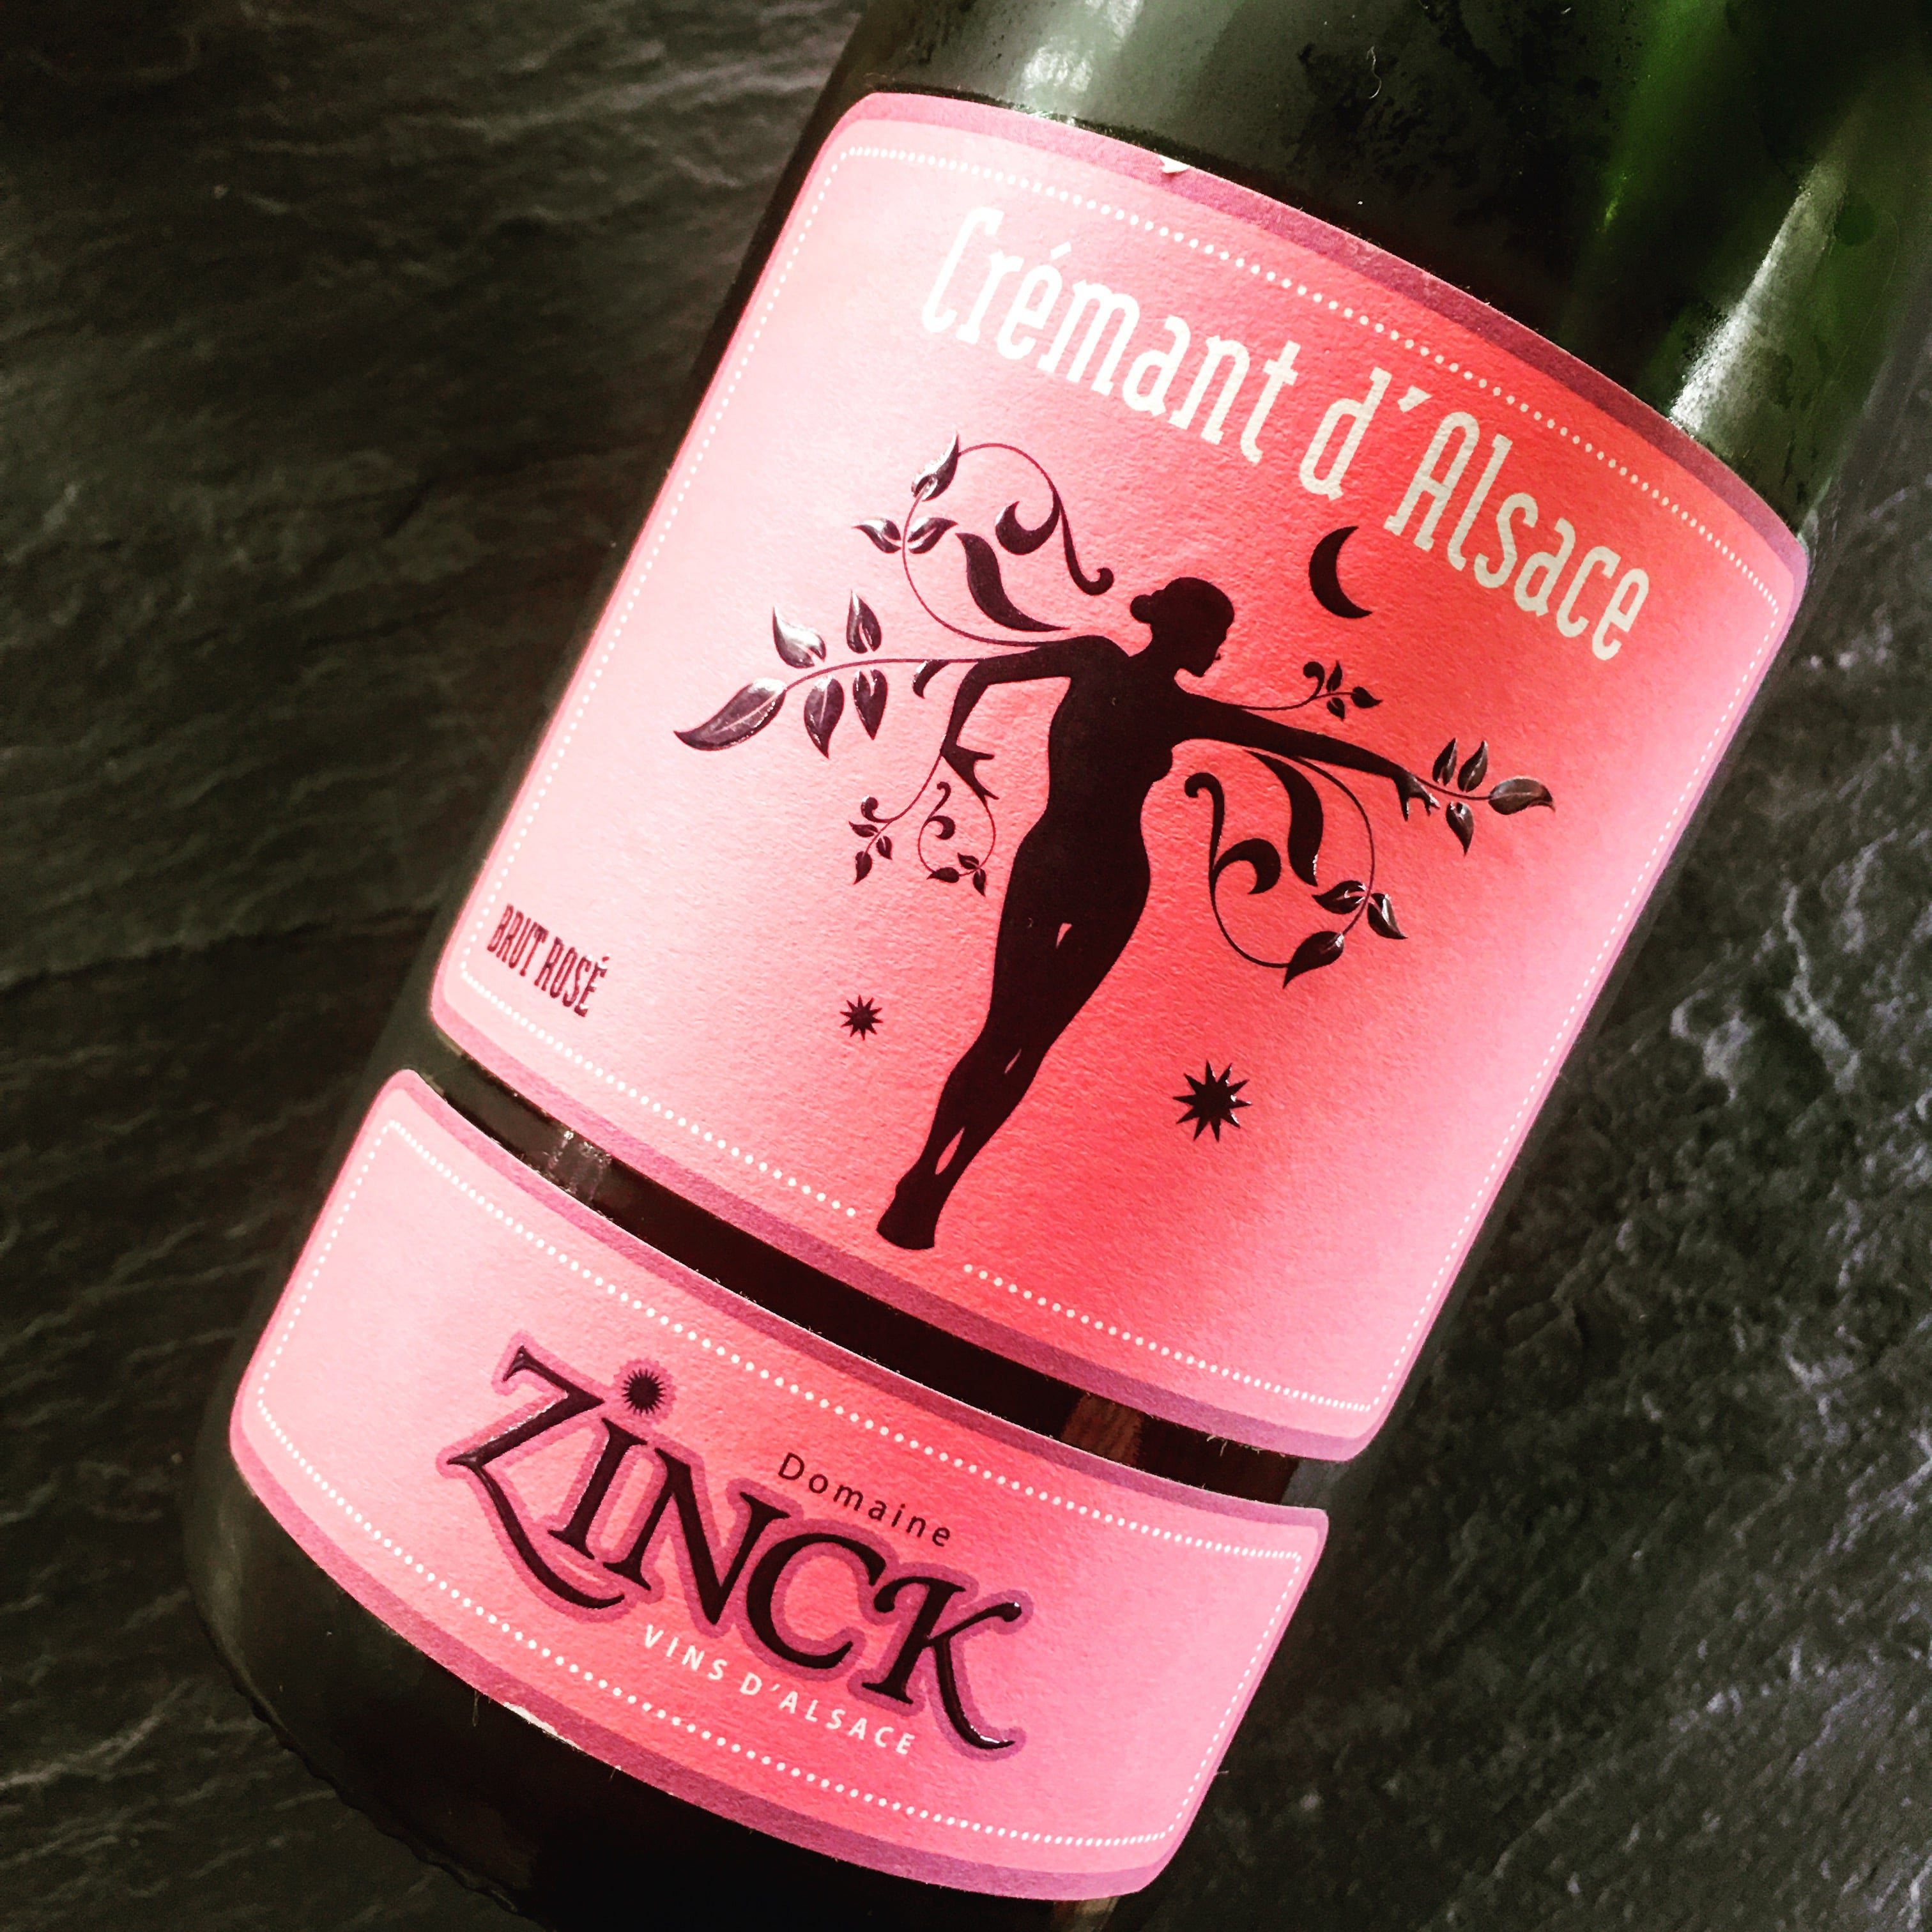 Paul & Phillippe Zinck Crémant d'Alsace Brut Rosé NV